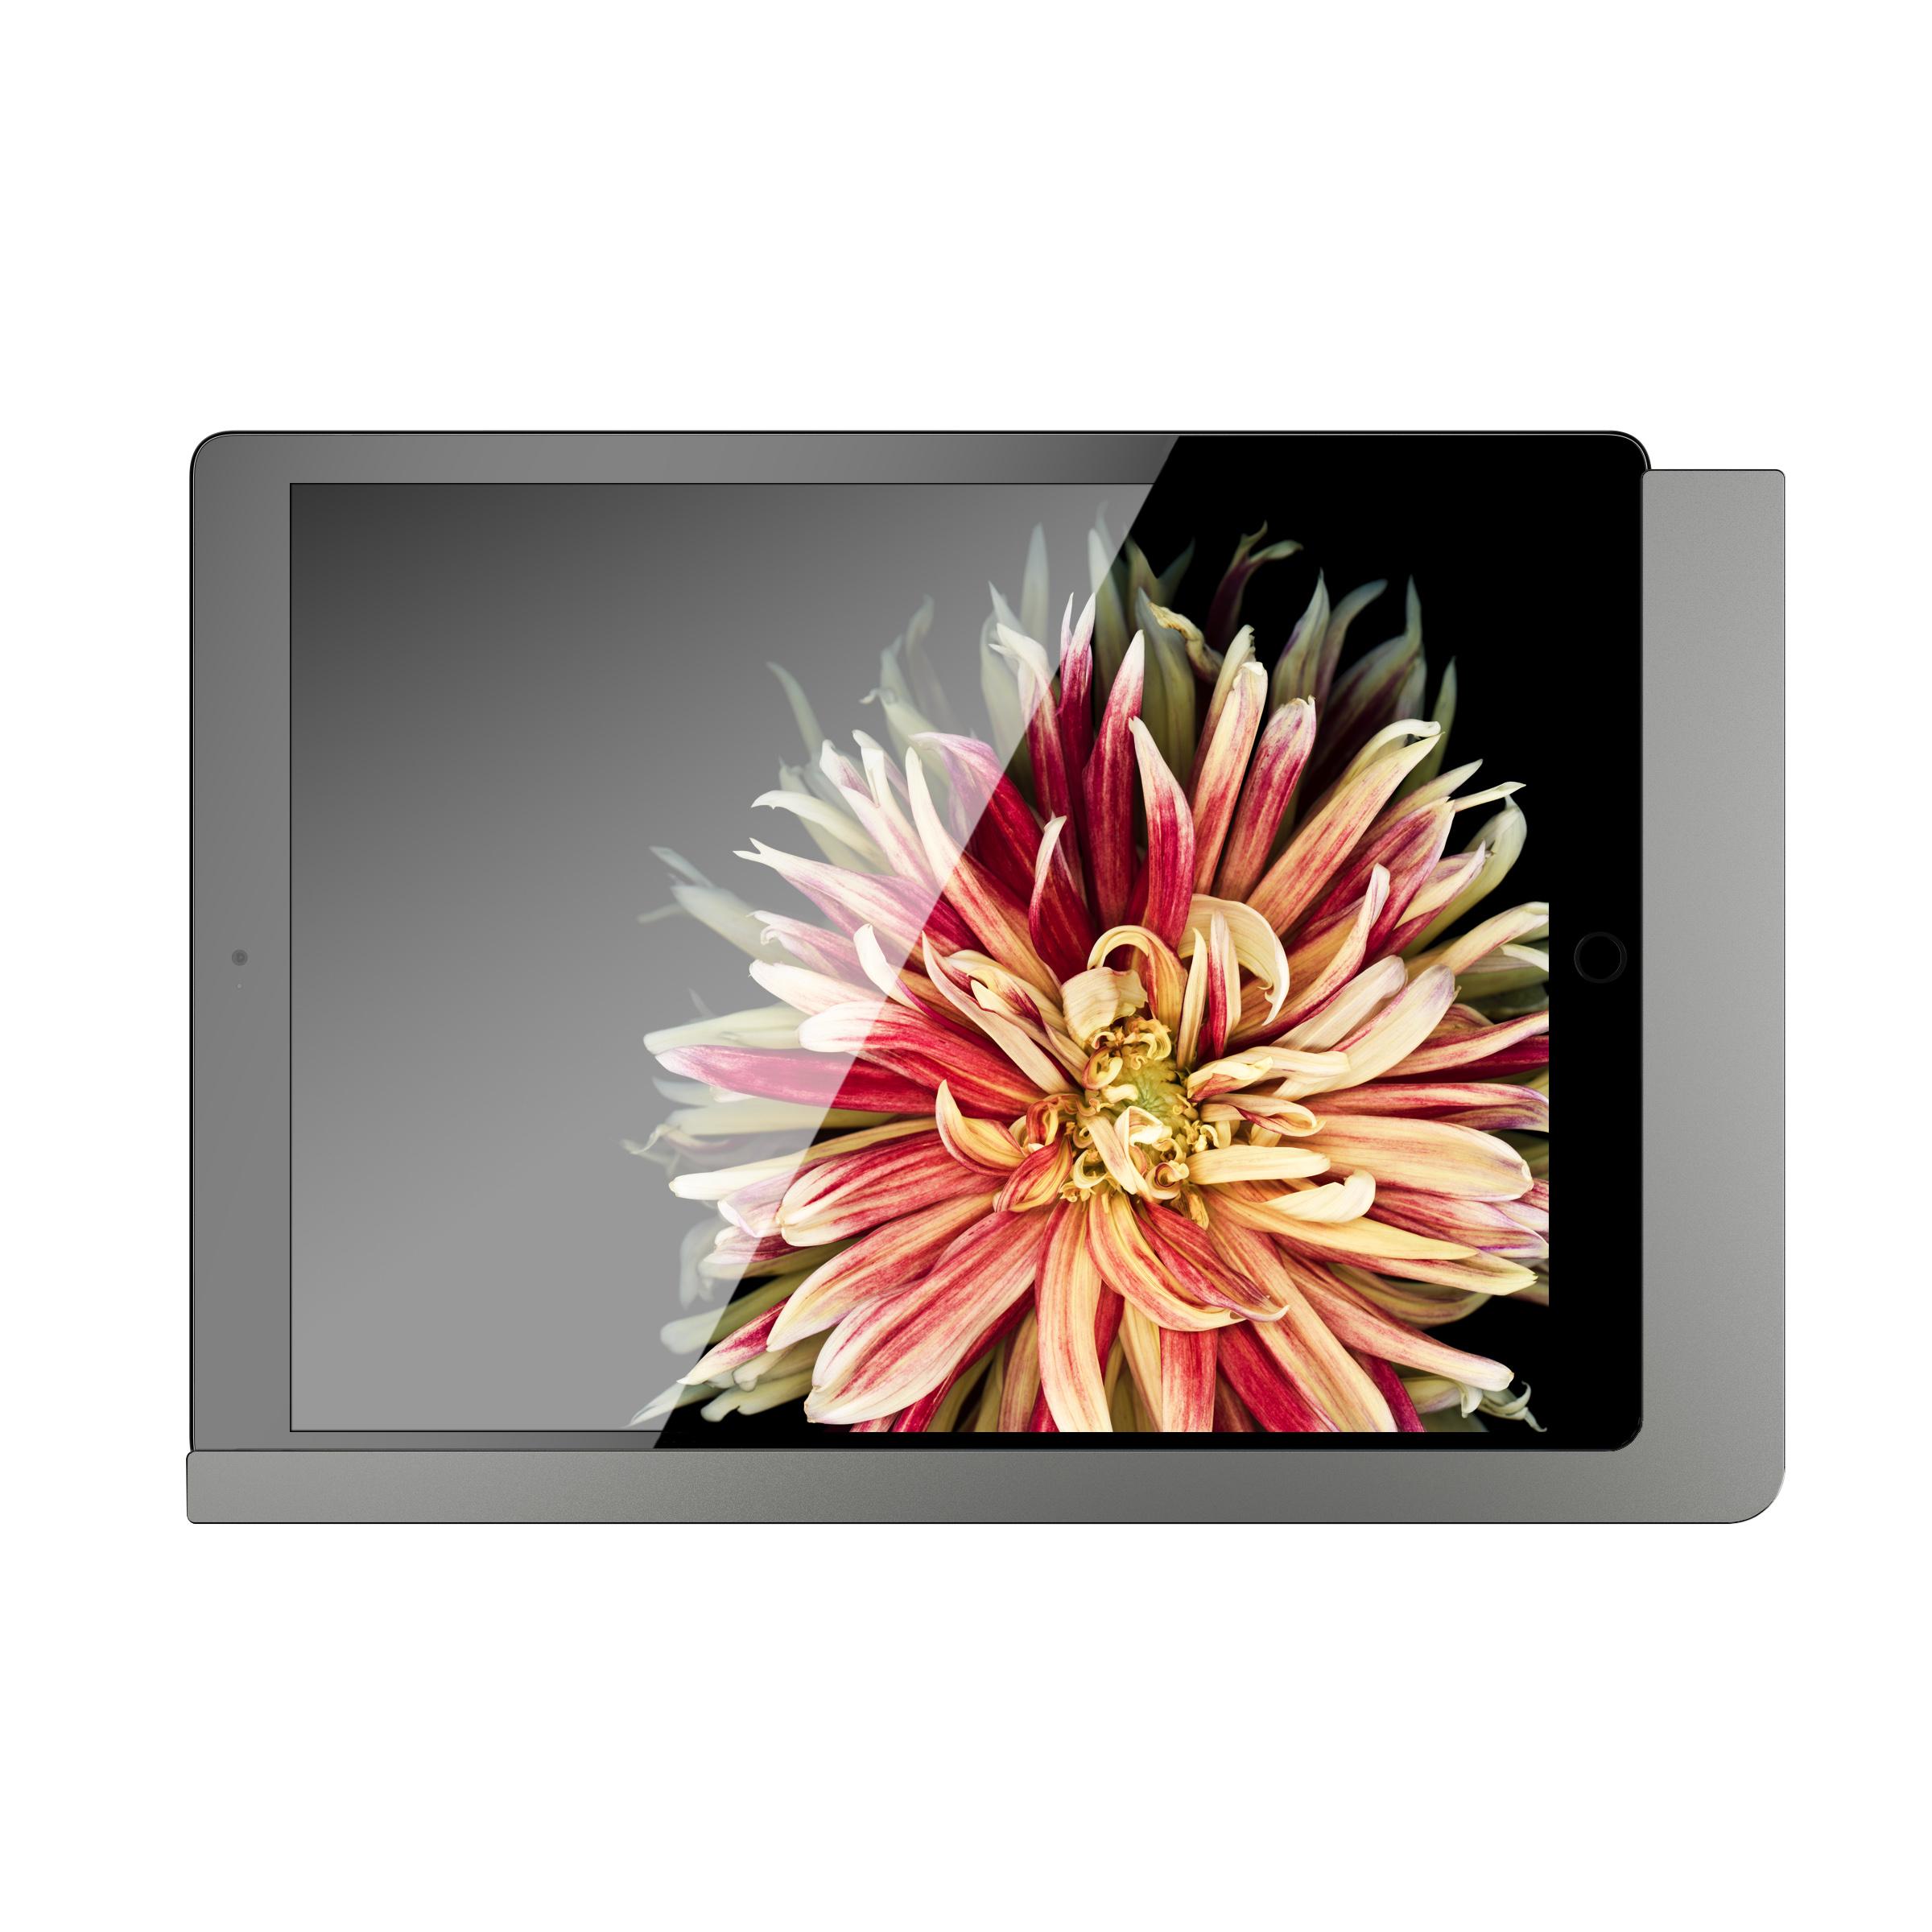 Viveroo Free Flex Dark Steel iPad Mount Stand Dock